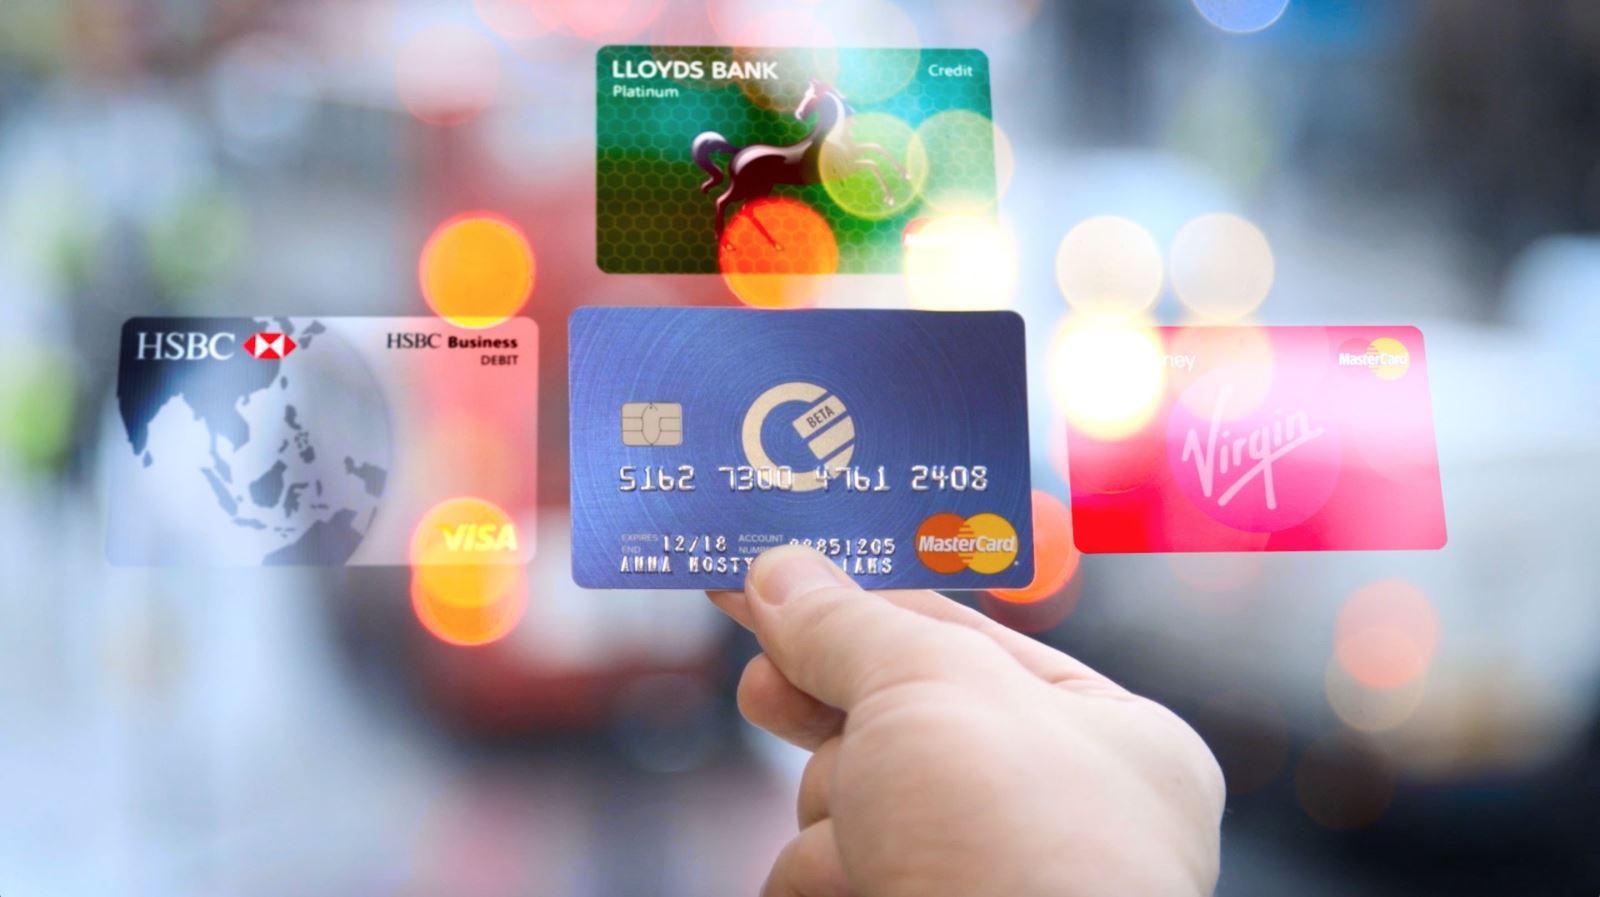 Kết quả hình ảnh cho thẻ ngân hàng trong bóp